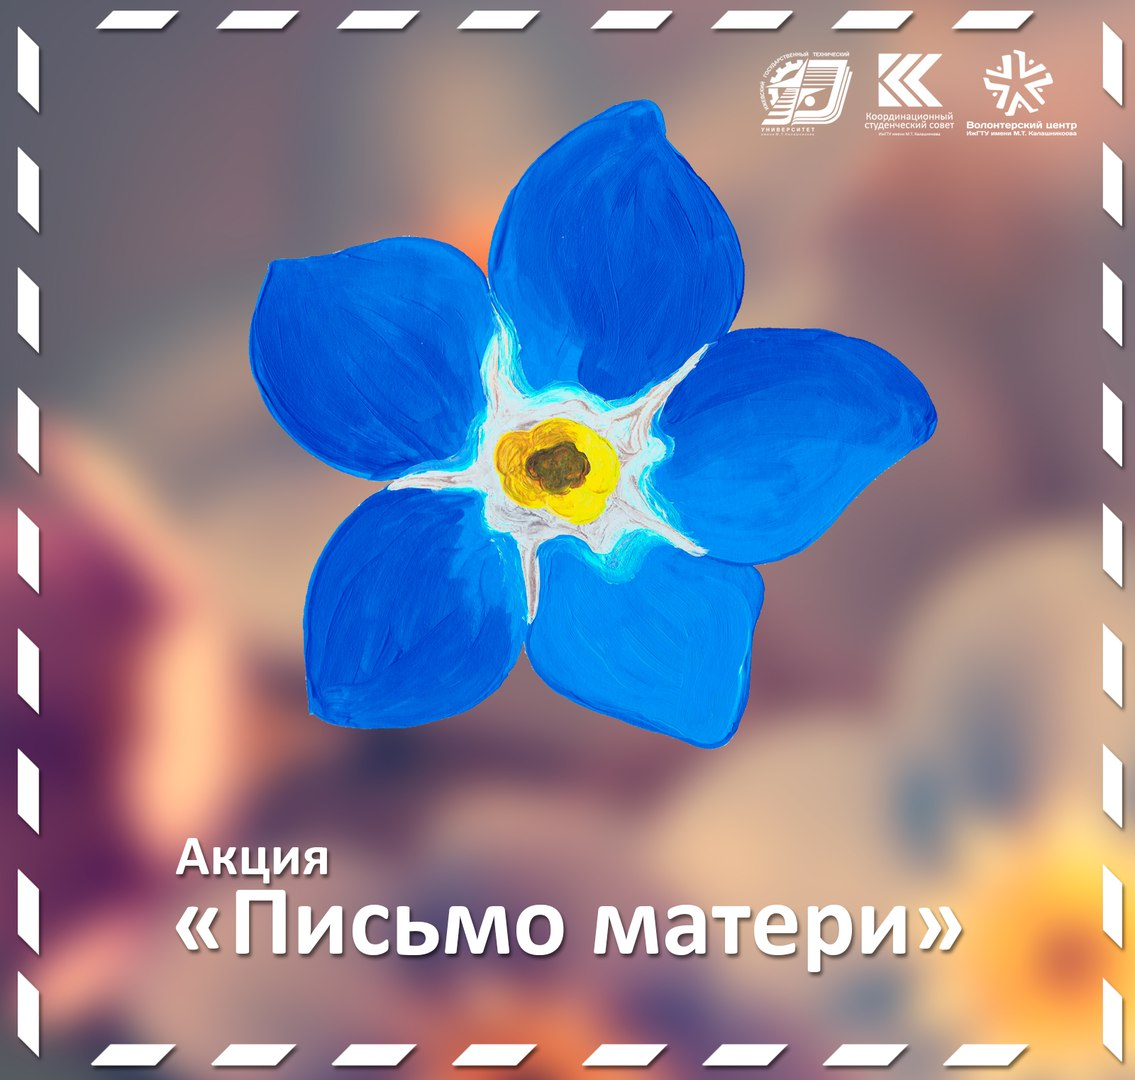 """Афиша Ижевск Акция """"Письмо матери"""""""